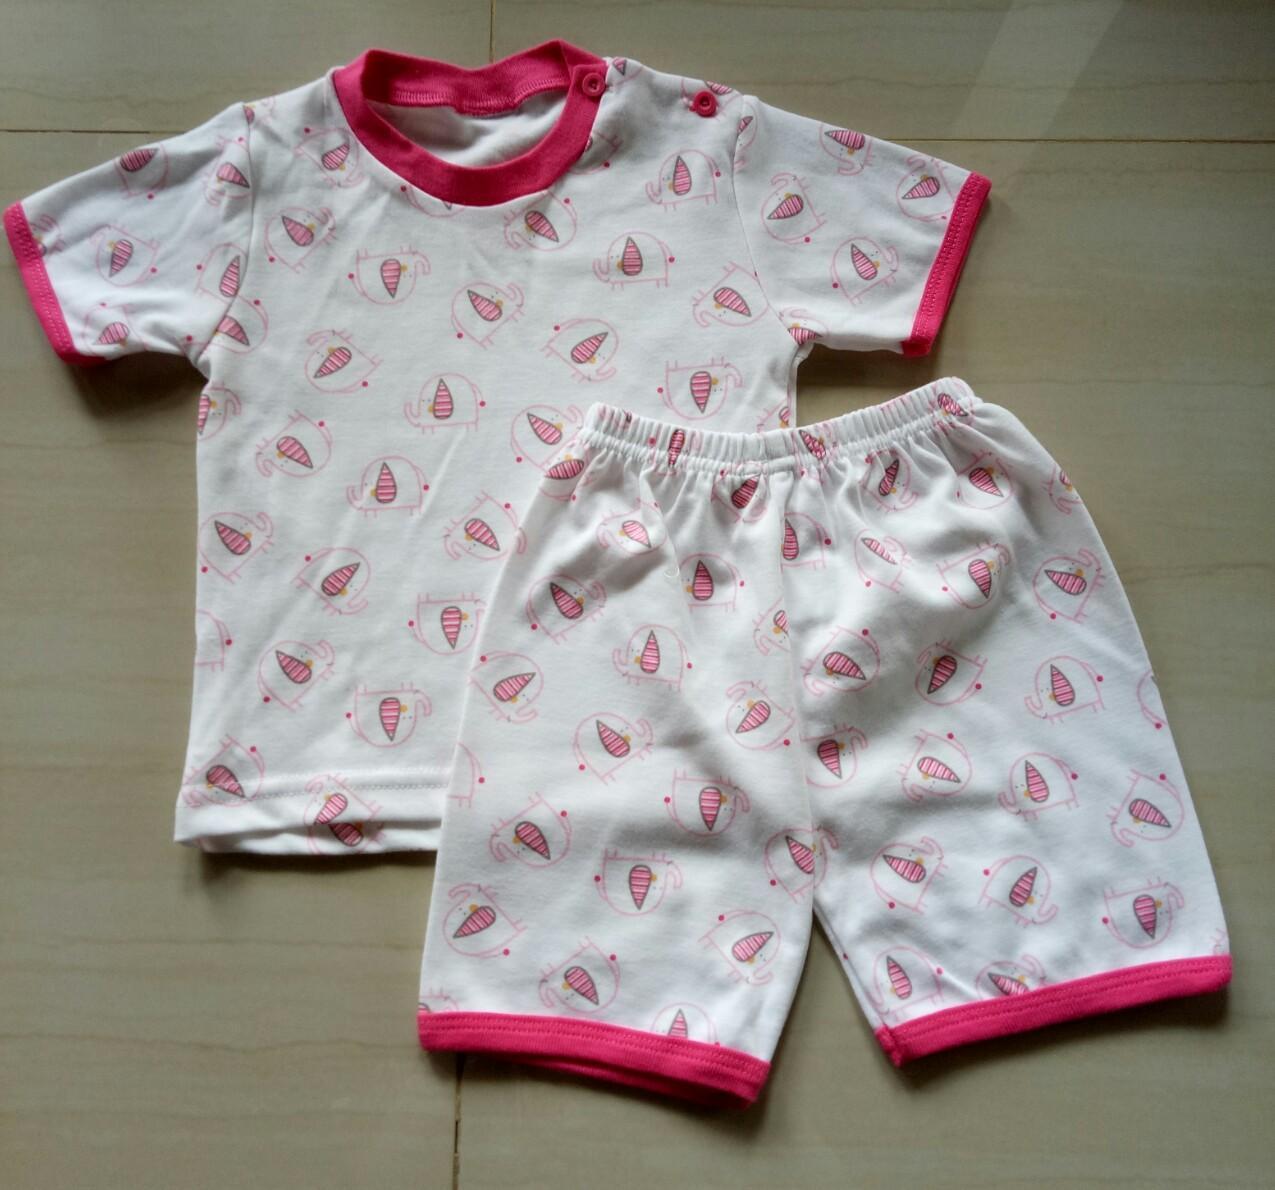 Amaris Fashion - Piyama Bayi Perempuan 0-12 Bulan - Setelan Baju Tidur Bayi Panjang